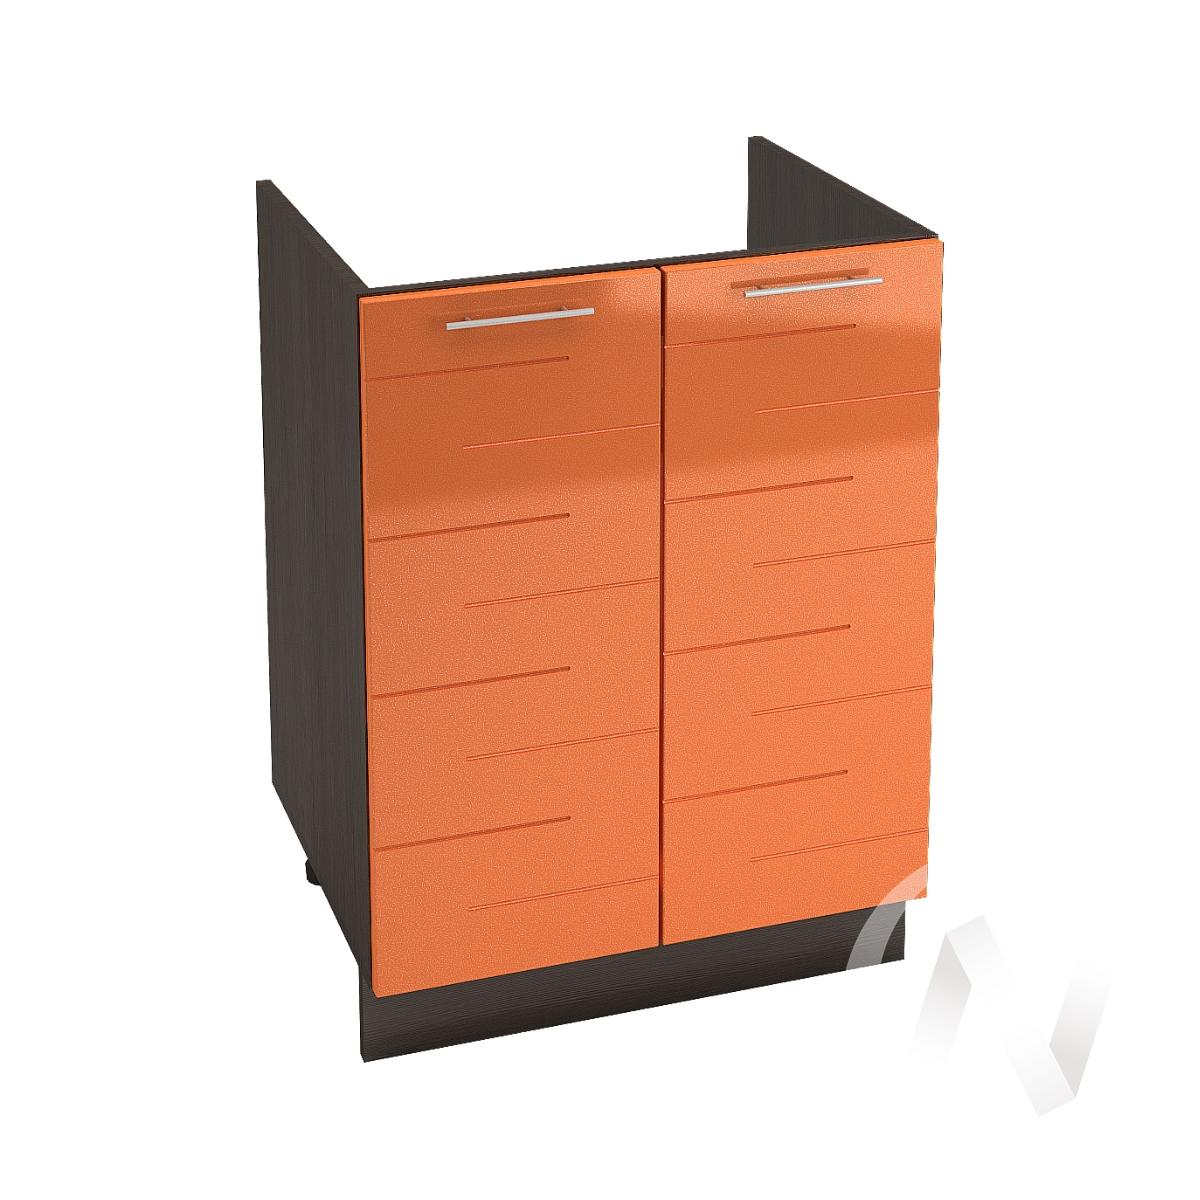 """Кухня """"Техно"""": Шкаф нижний под мойку 600, ШНМ 600 (корпус венге)"""